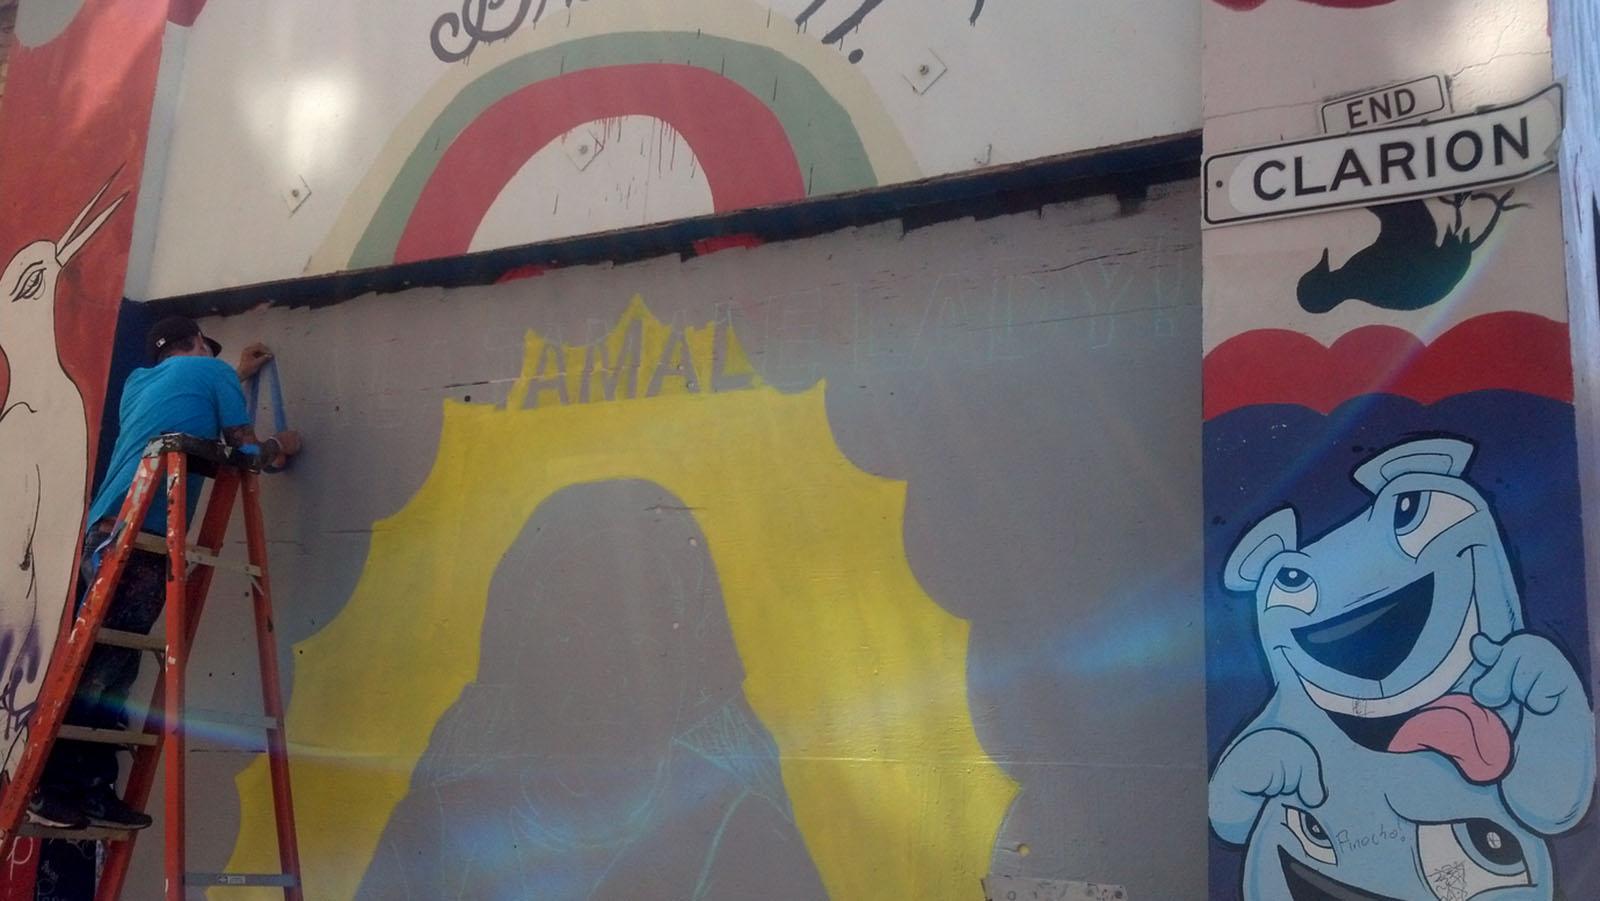 Tamale Lady Mural in Progress!